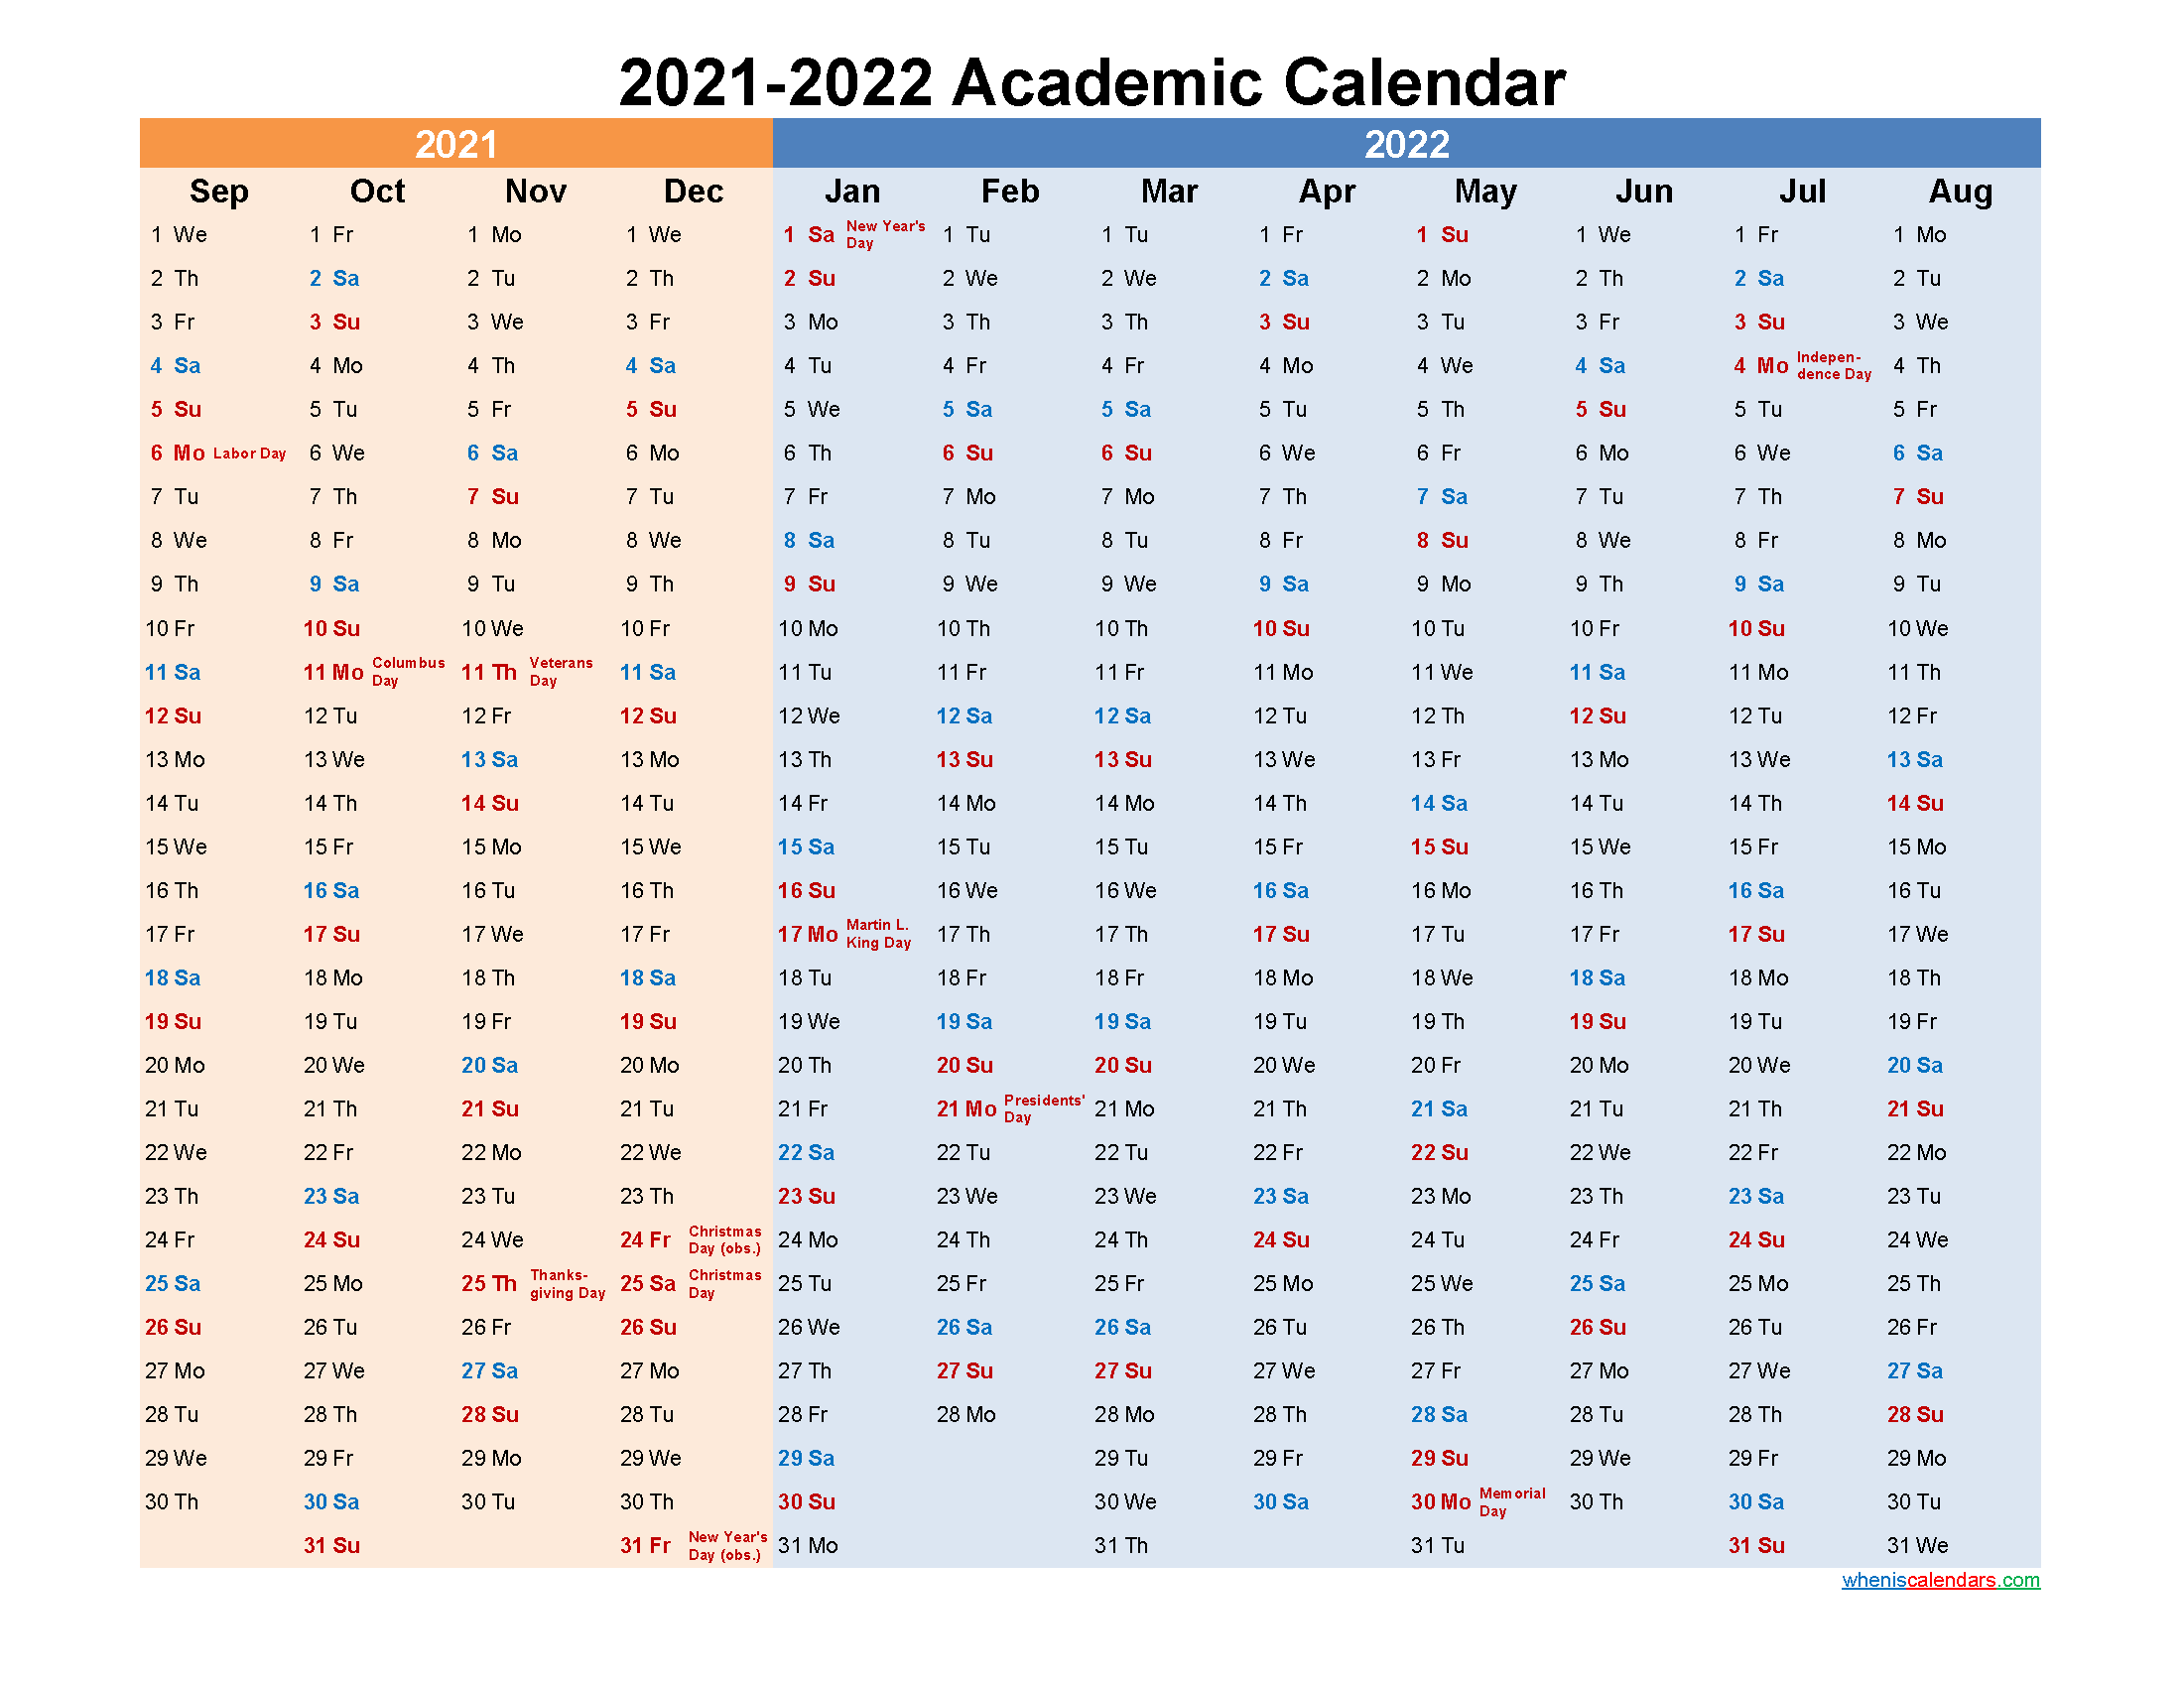 Wsu Academic Calendar 2022 2023.Calendar 2021 Suny Cortland Academic Calendar 2021 2022